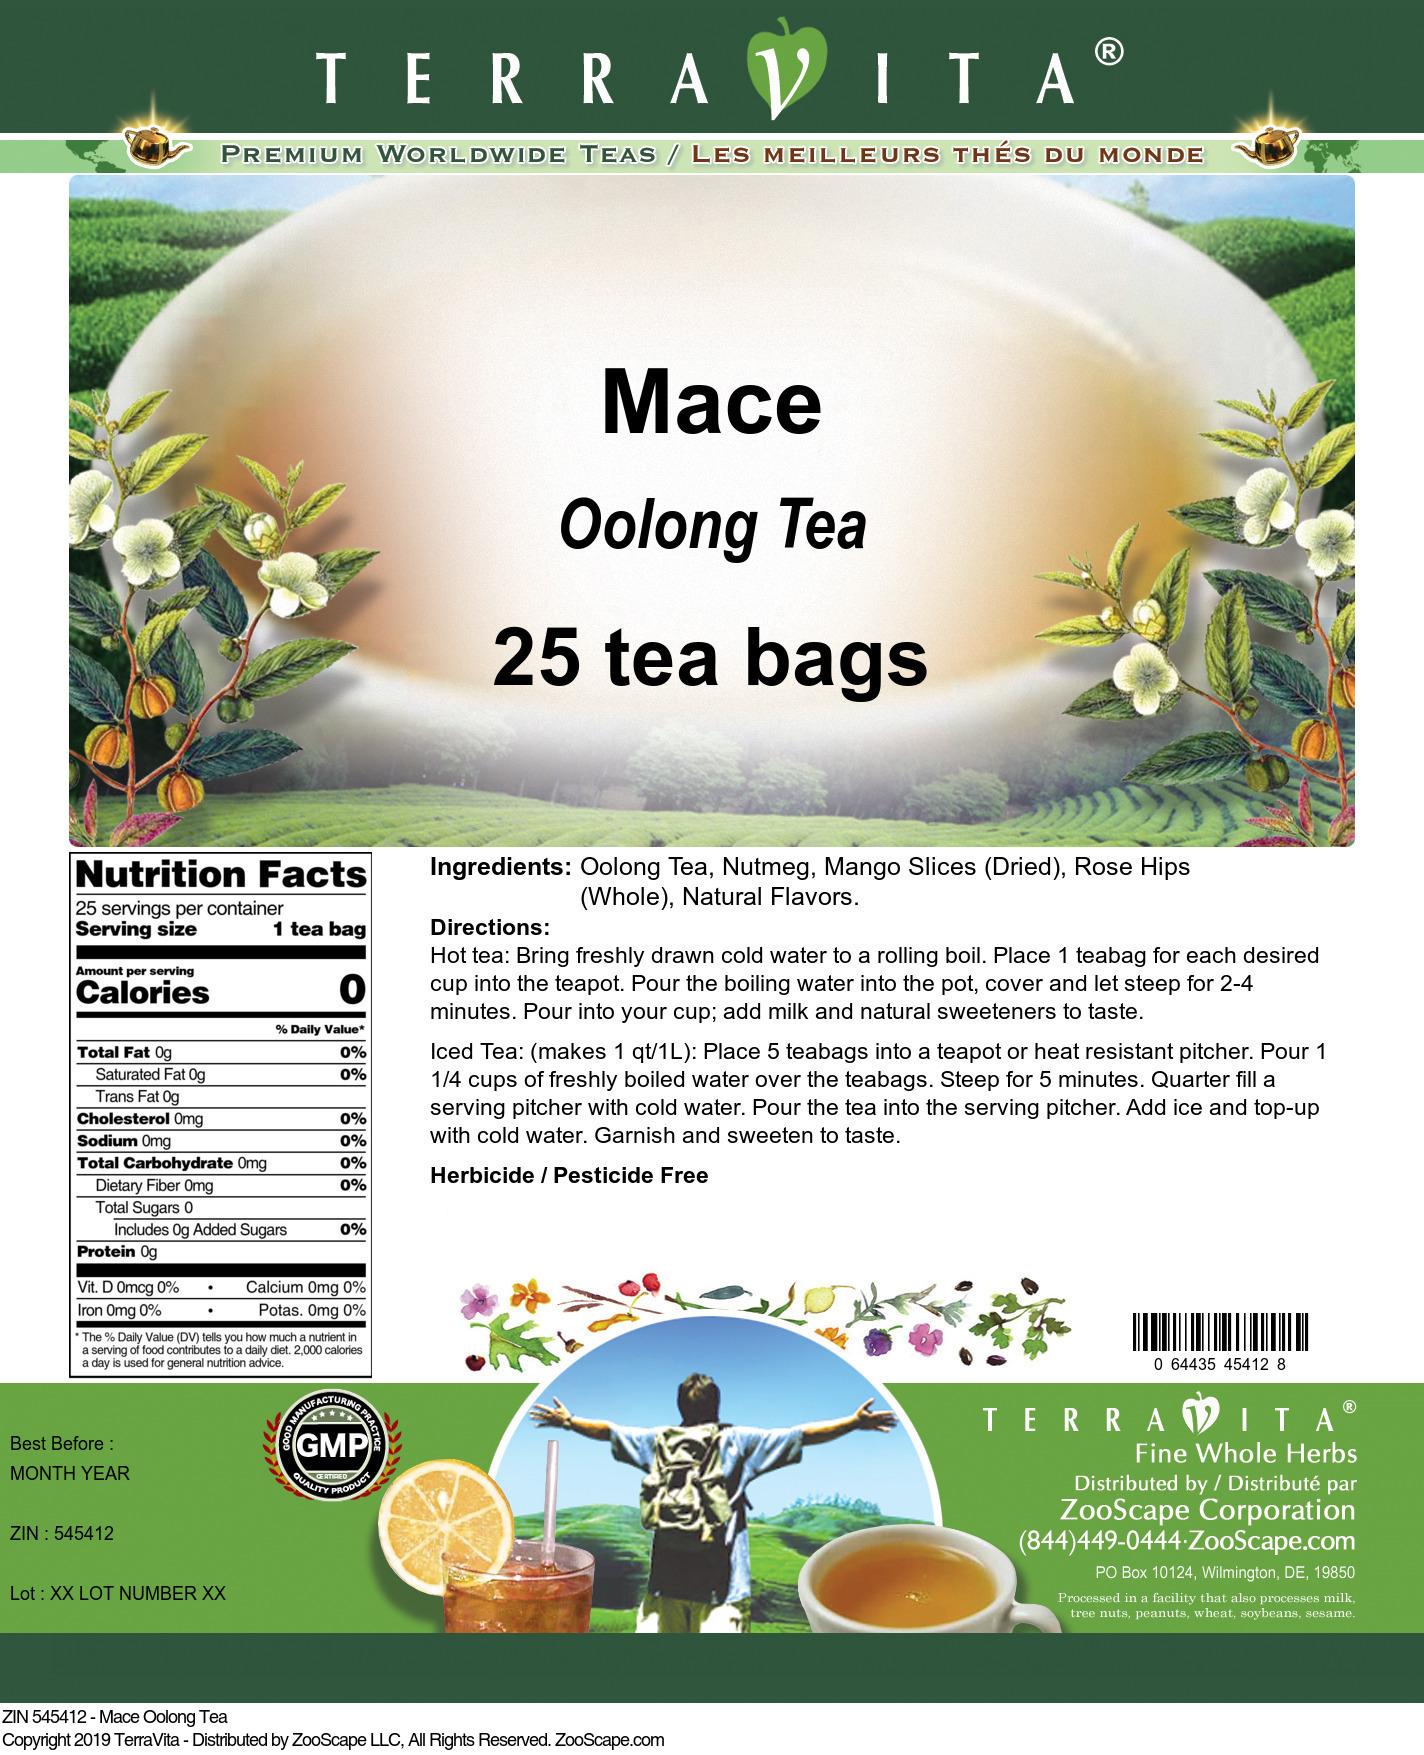 Mace Oolong Tea